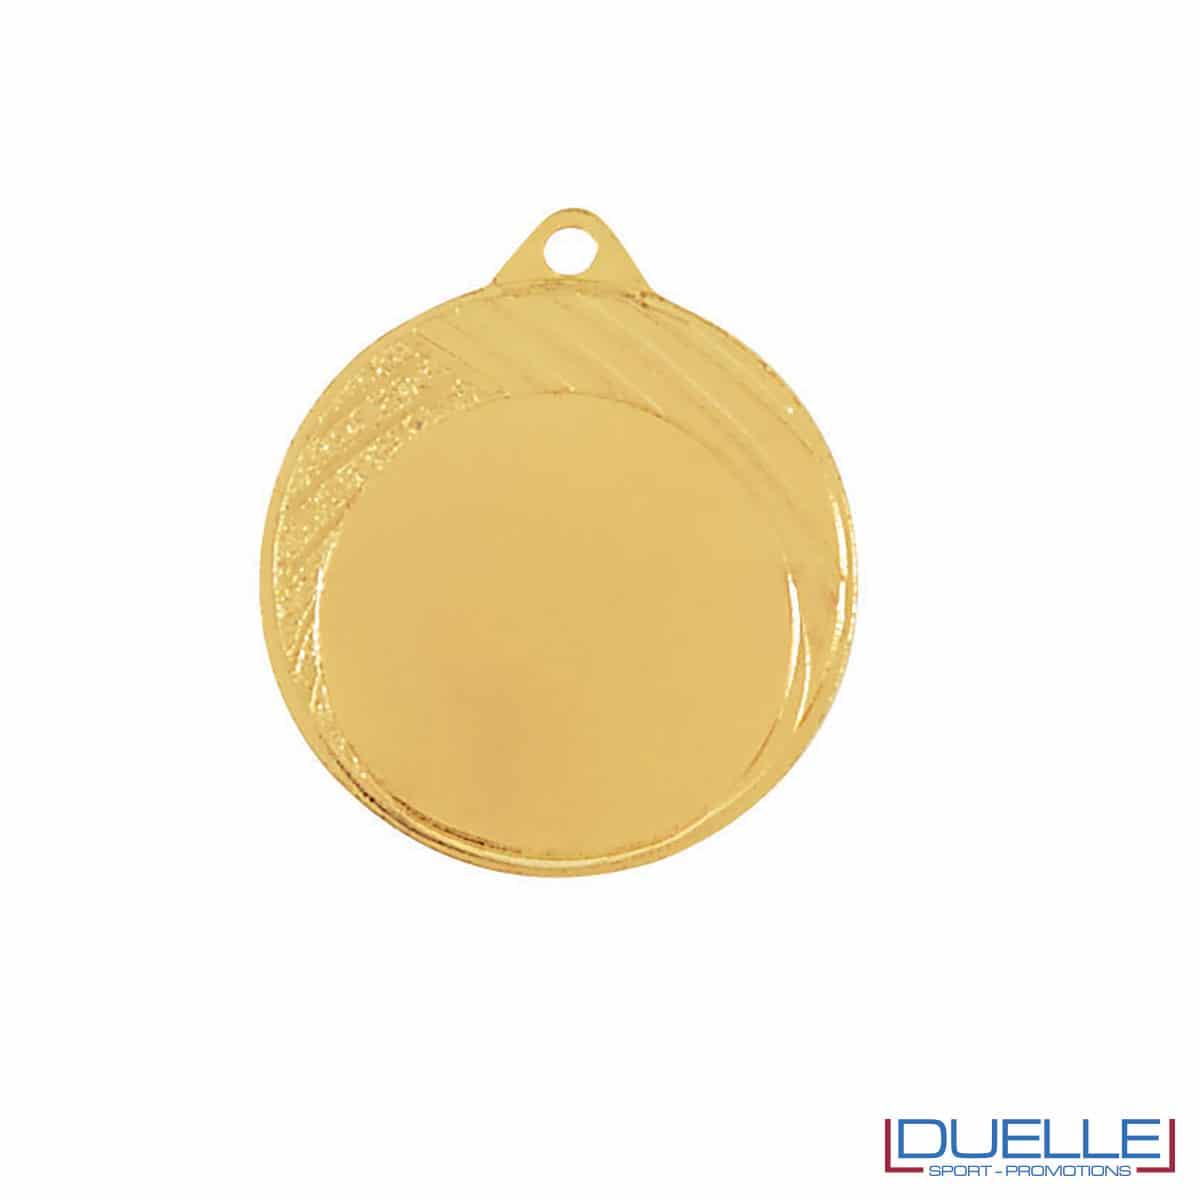 Medaglia con righe oro diametro 32 mm